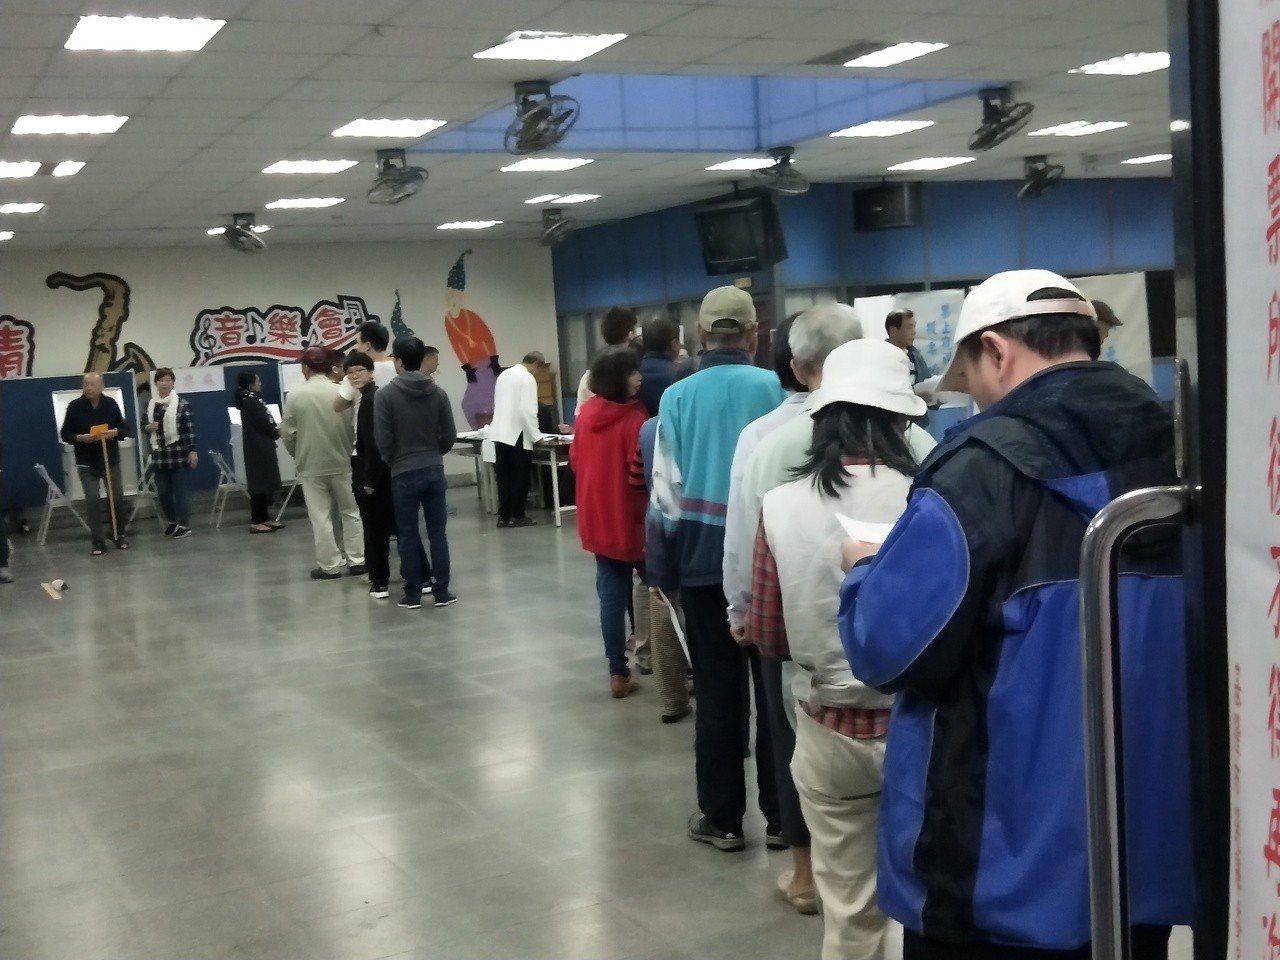 基隆市各地投開票所今天上午因為投公投票的隊伍,投票動作很慢,出現堵塞情況。記者游...